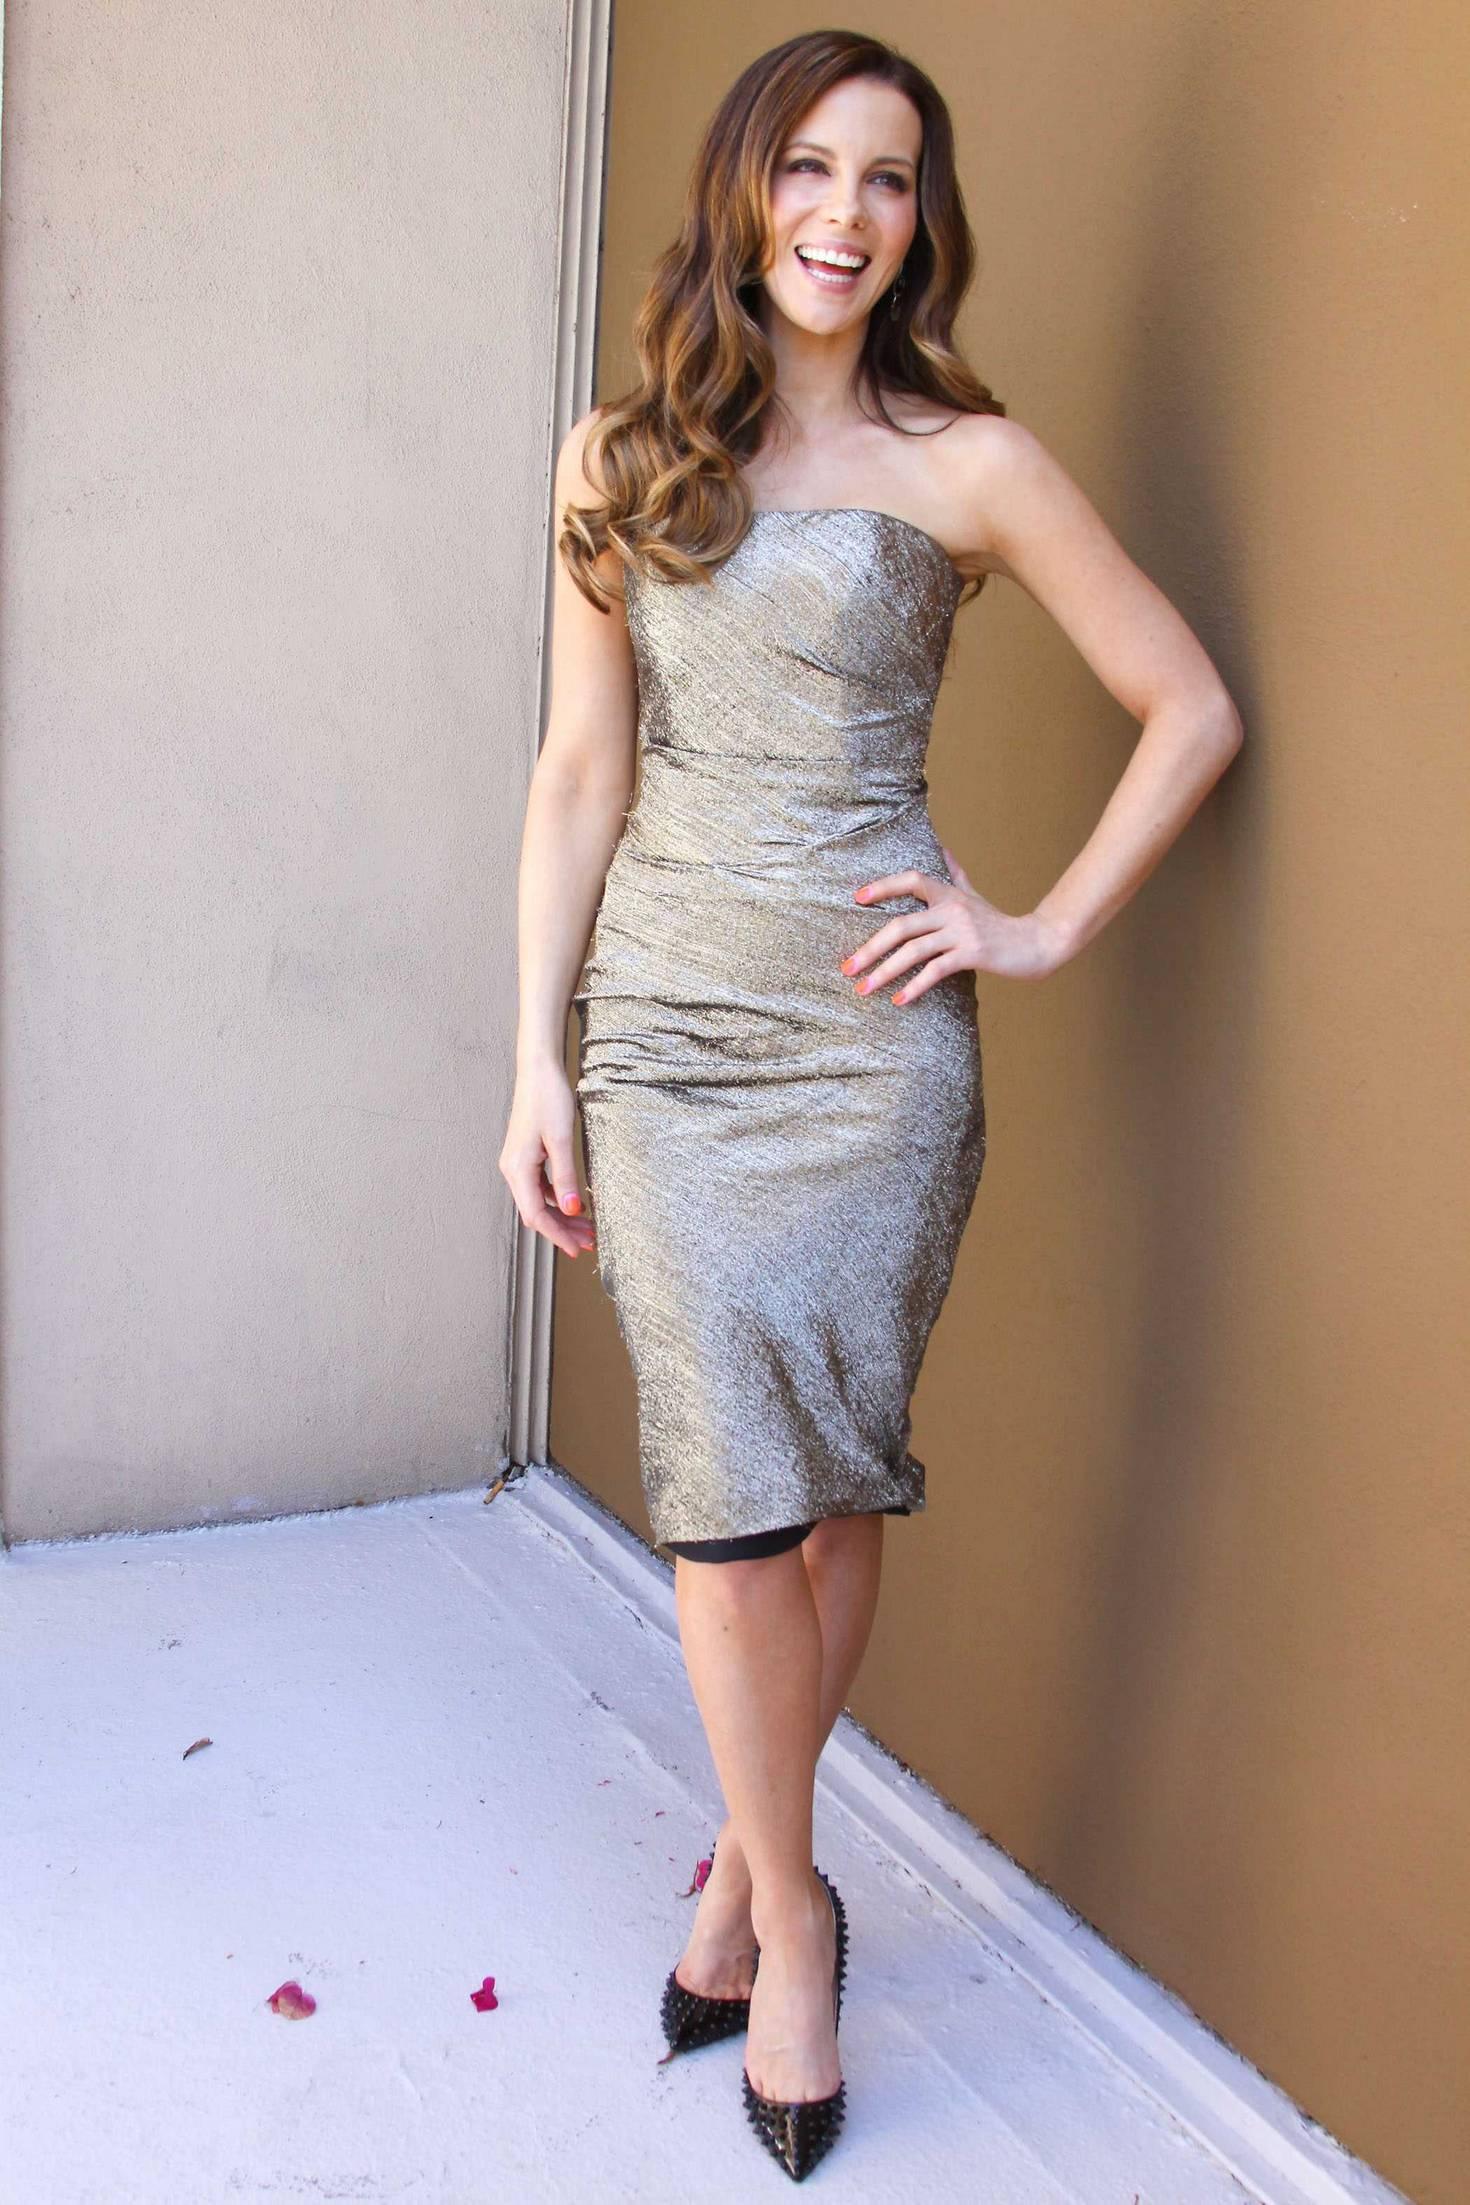 Обнаженная порно модель Beverly Paige смотреть онлайн 1 фото